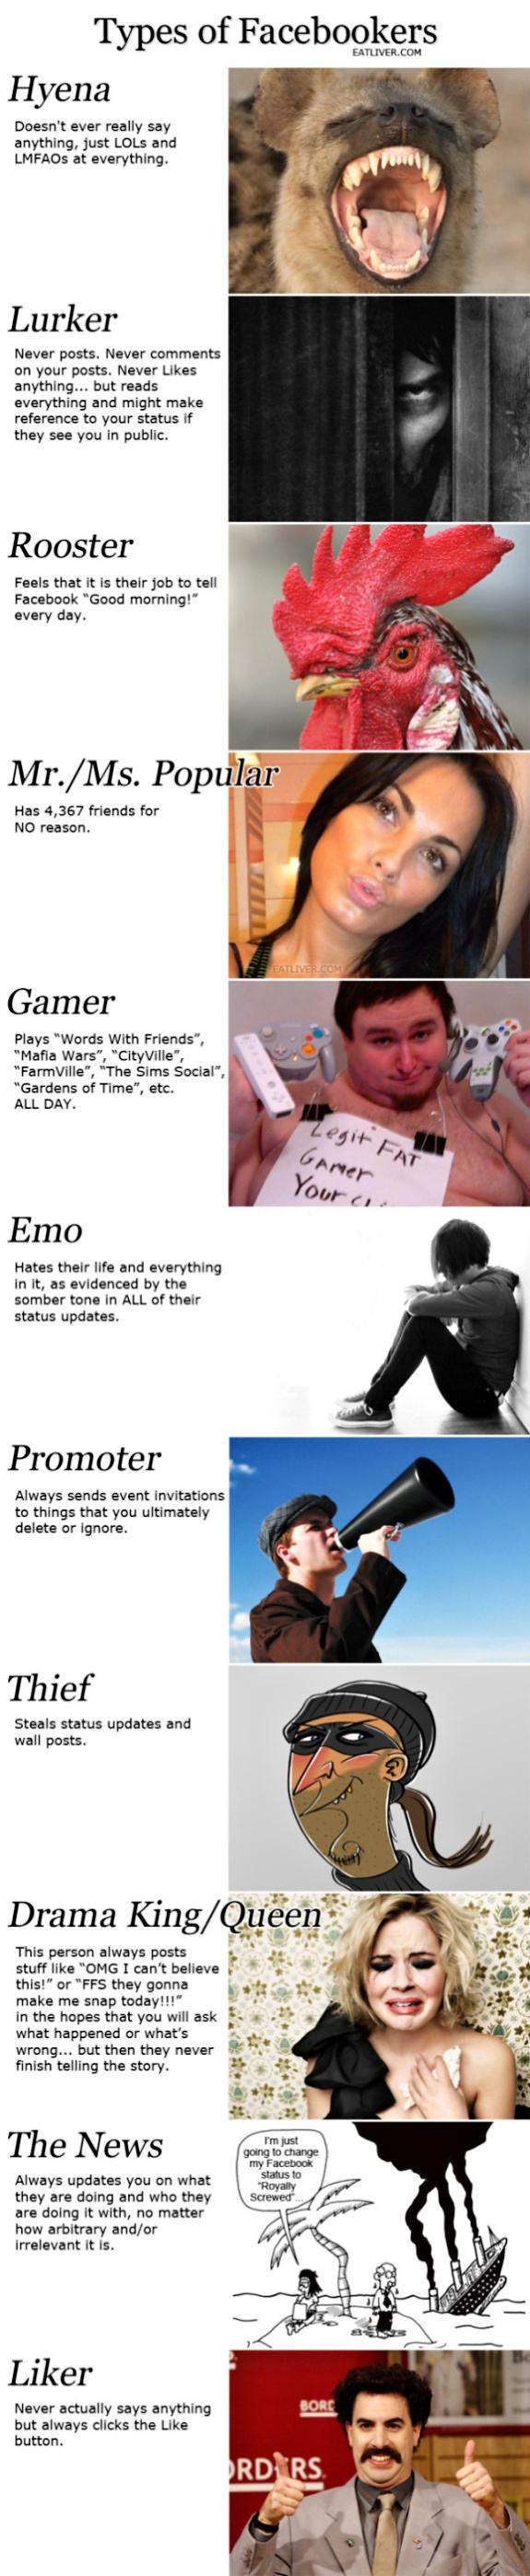 Obrázek TypesofFacebookers-30-04-2012